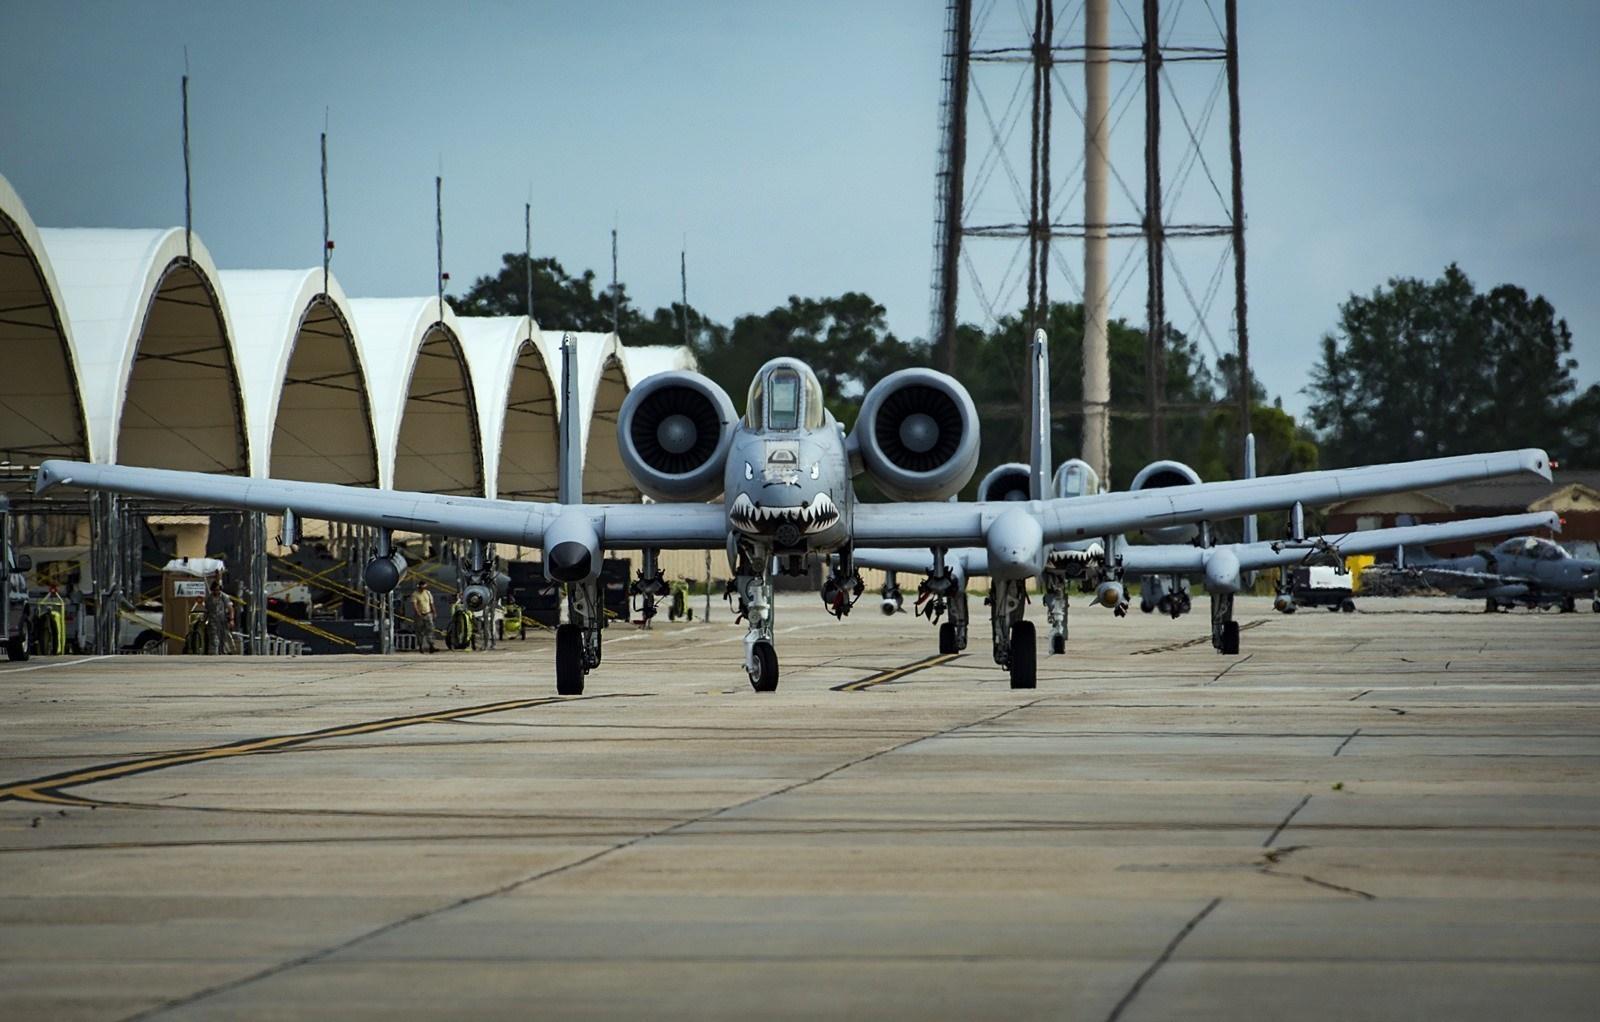 美军A-10攻击机玩大象漫步:密密麻麻一大片 - 一统江山 - 一统江山的博客